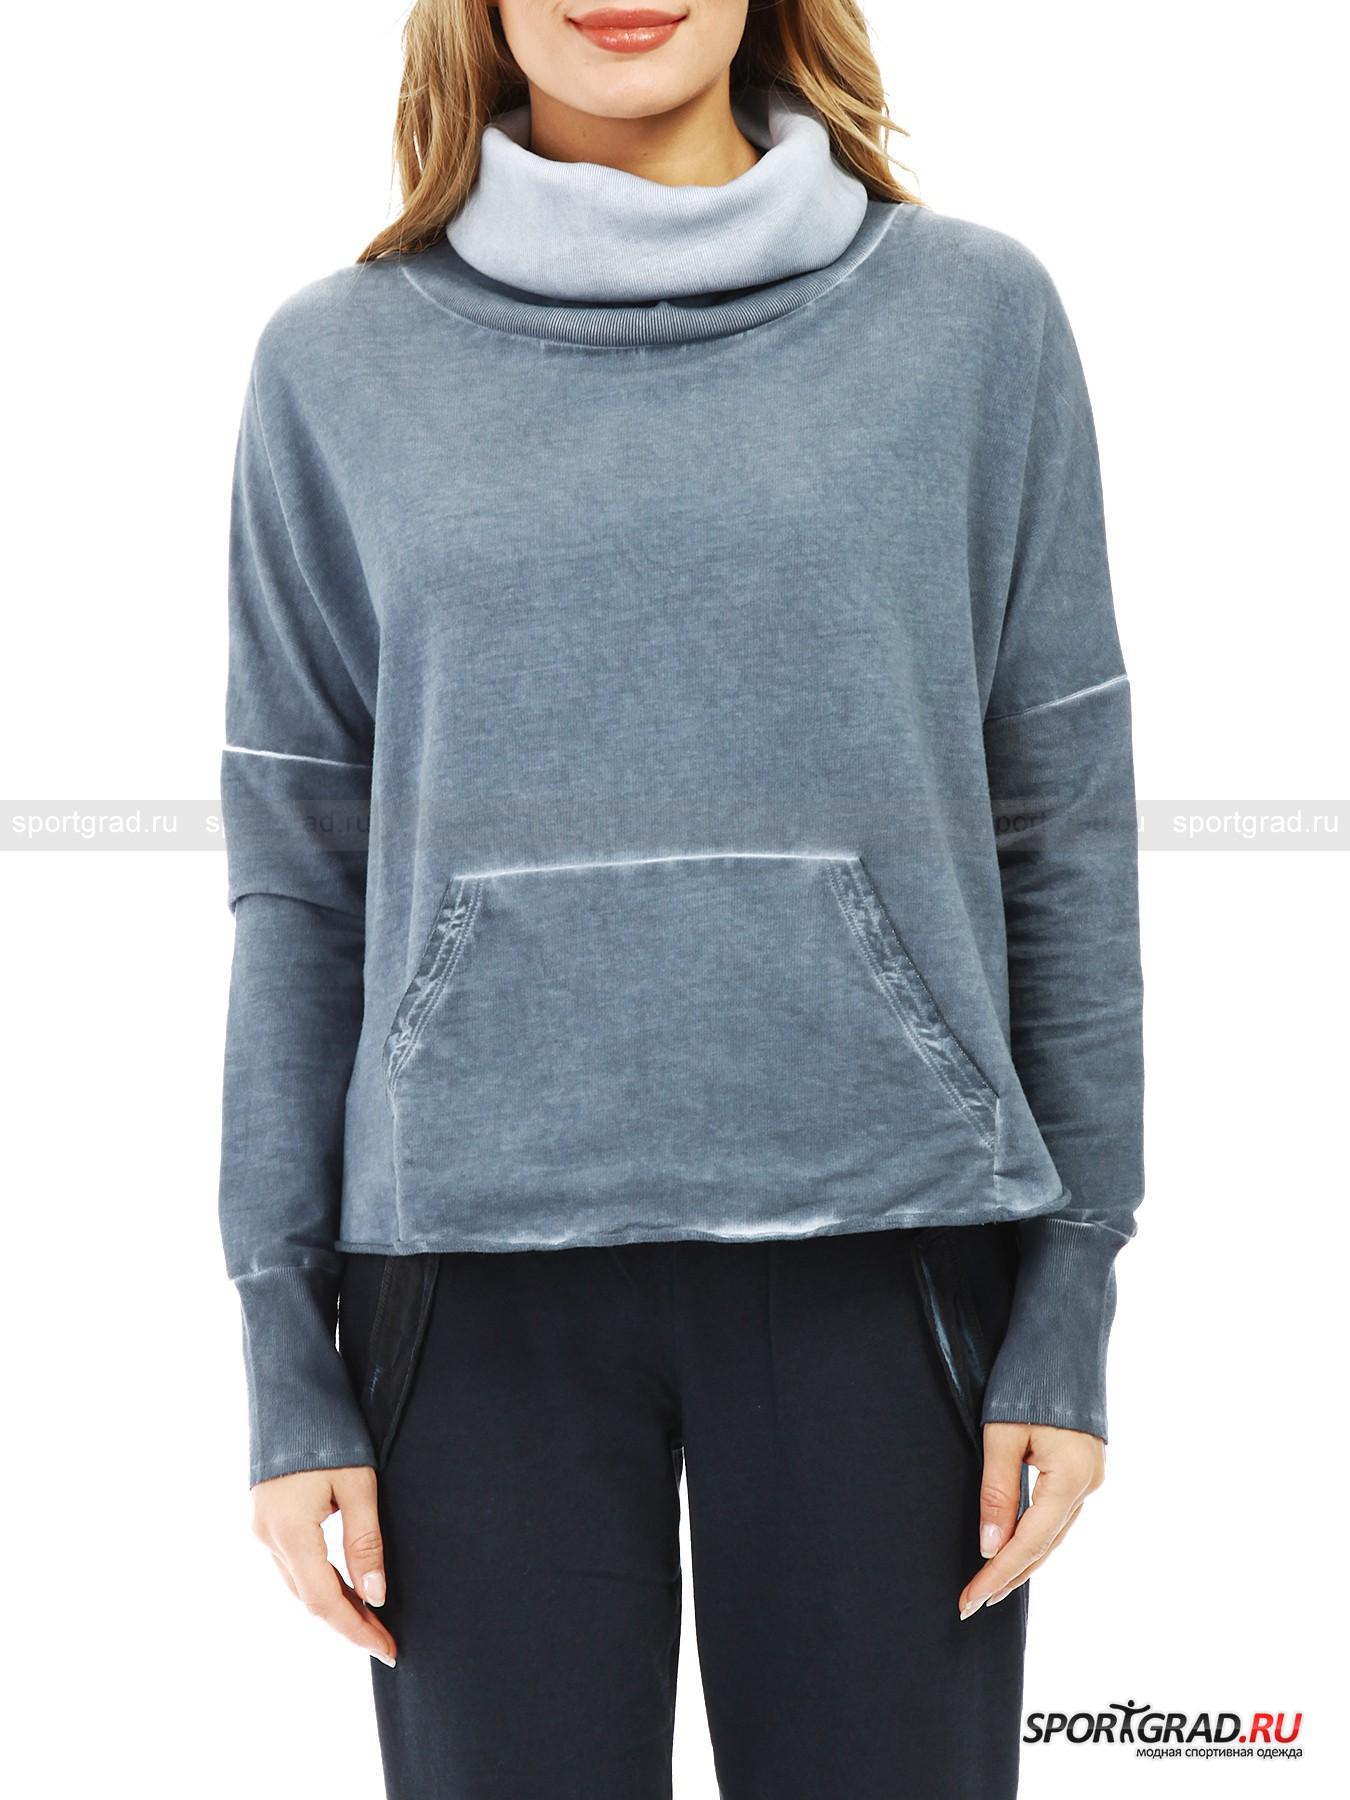 ��������� ������� High Neck Sweater DEHA